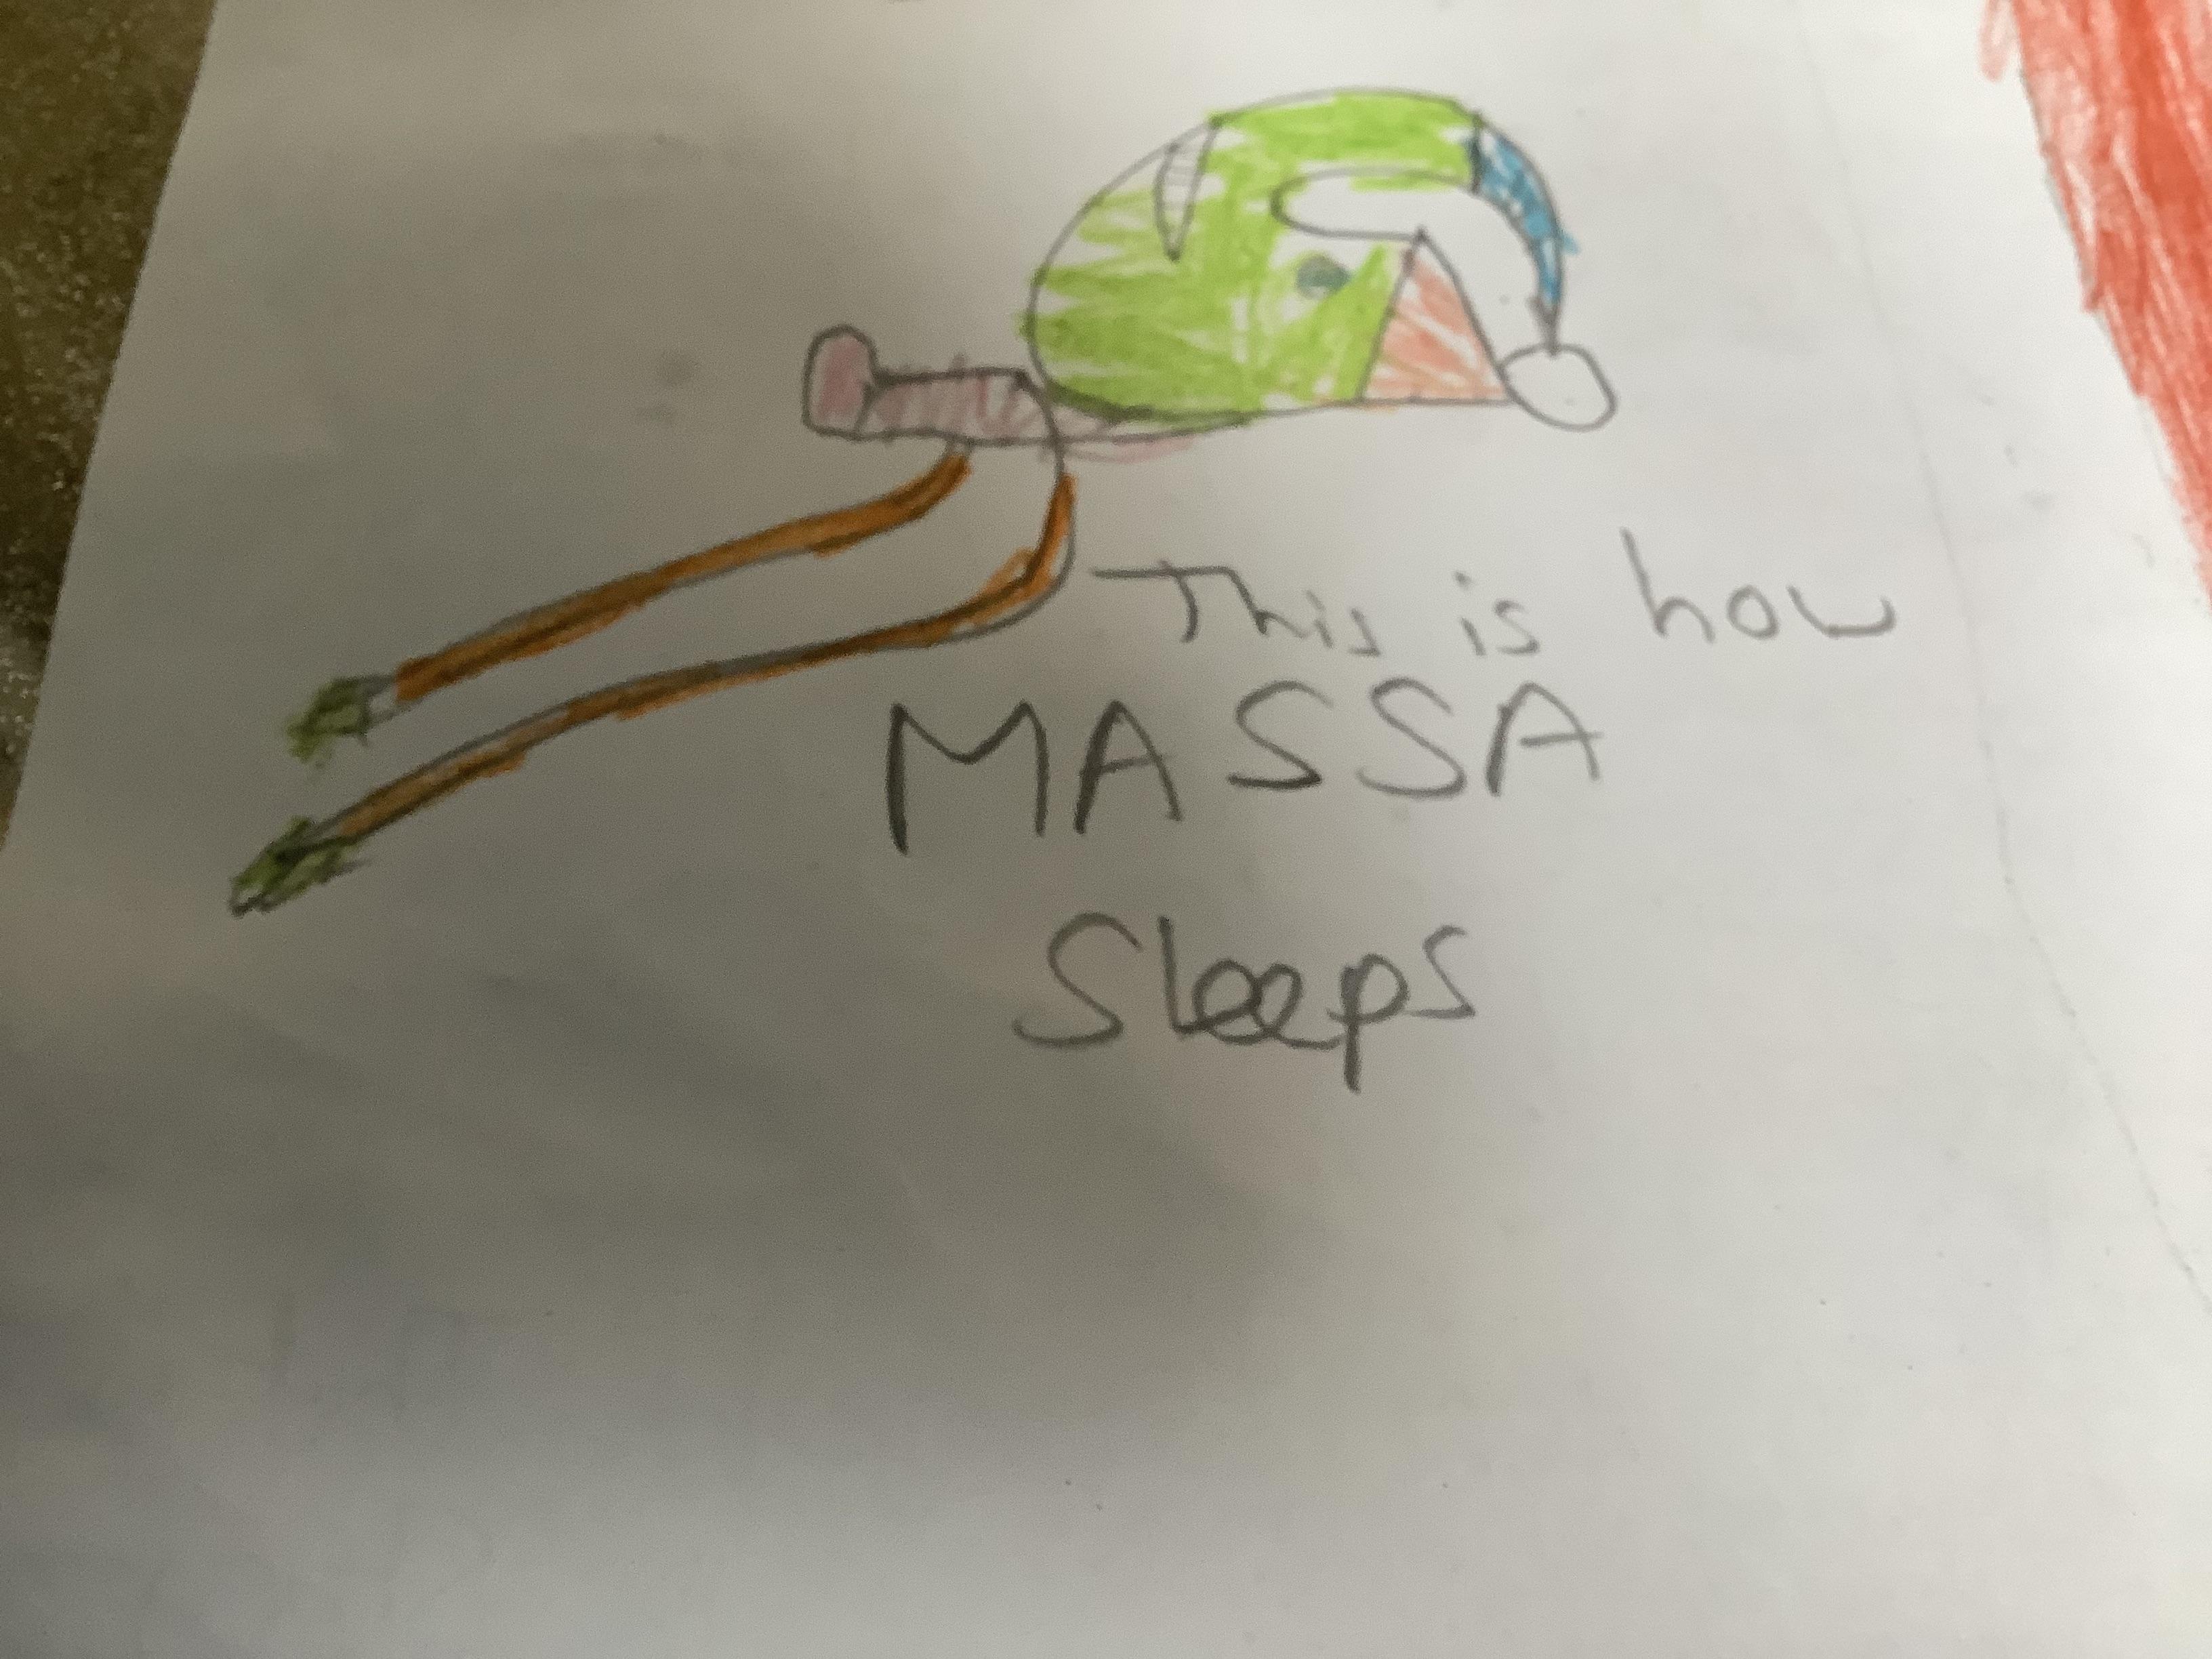 Massa Sleeps